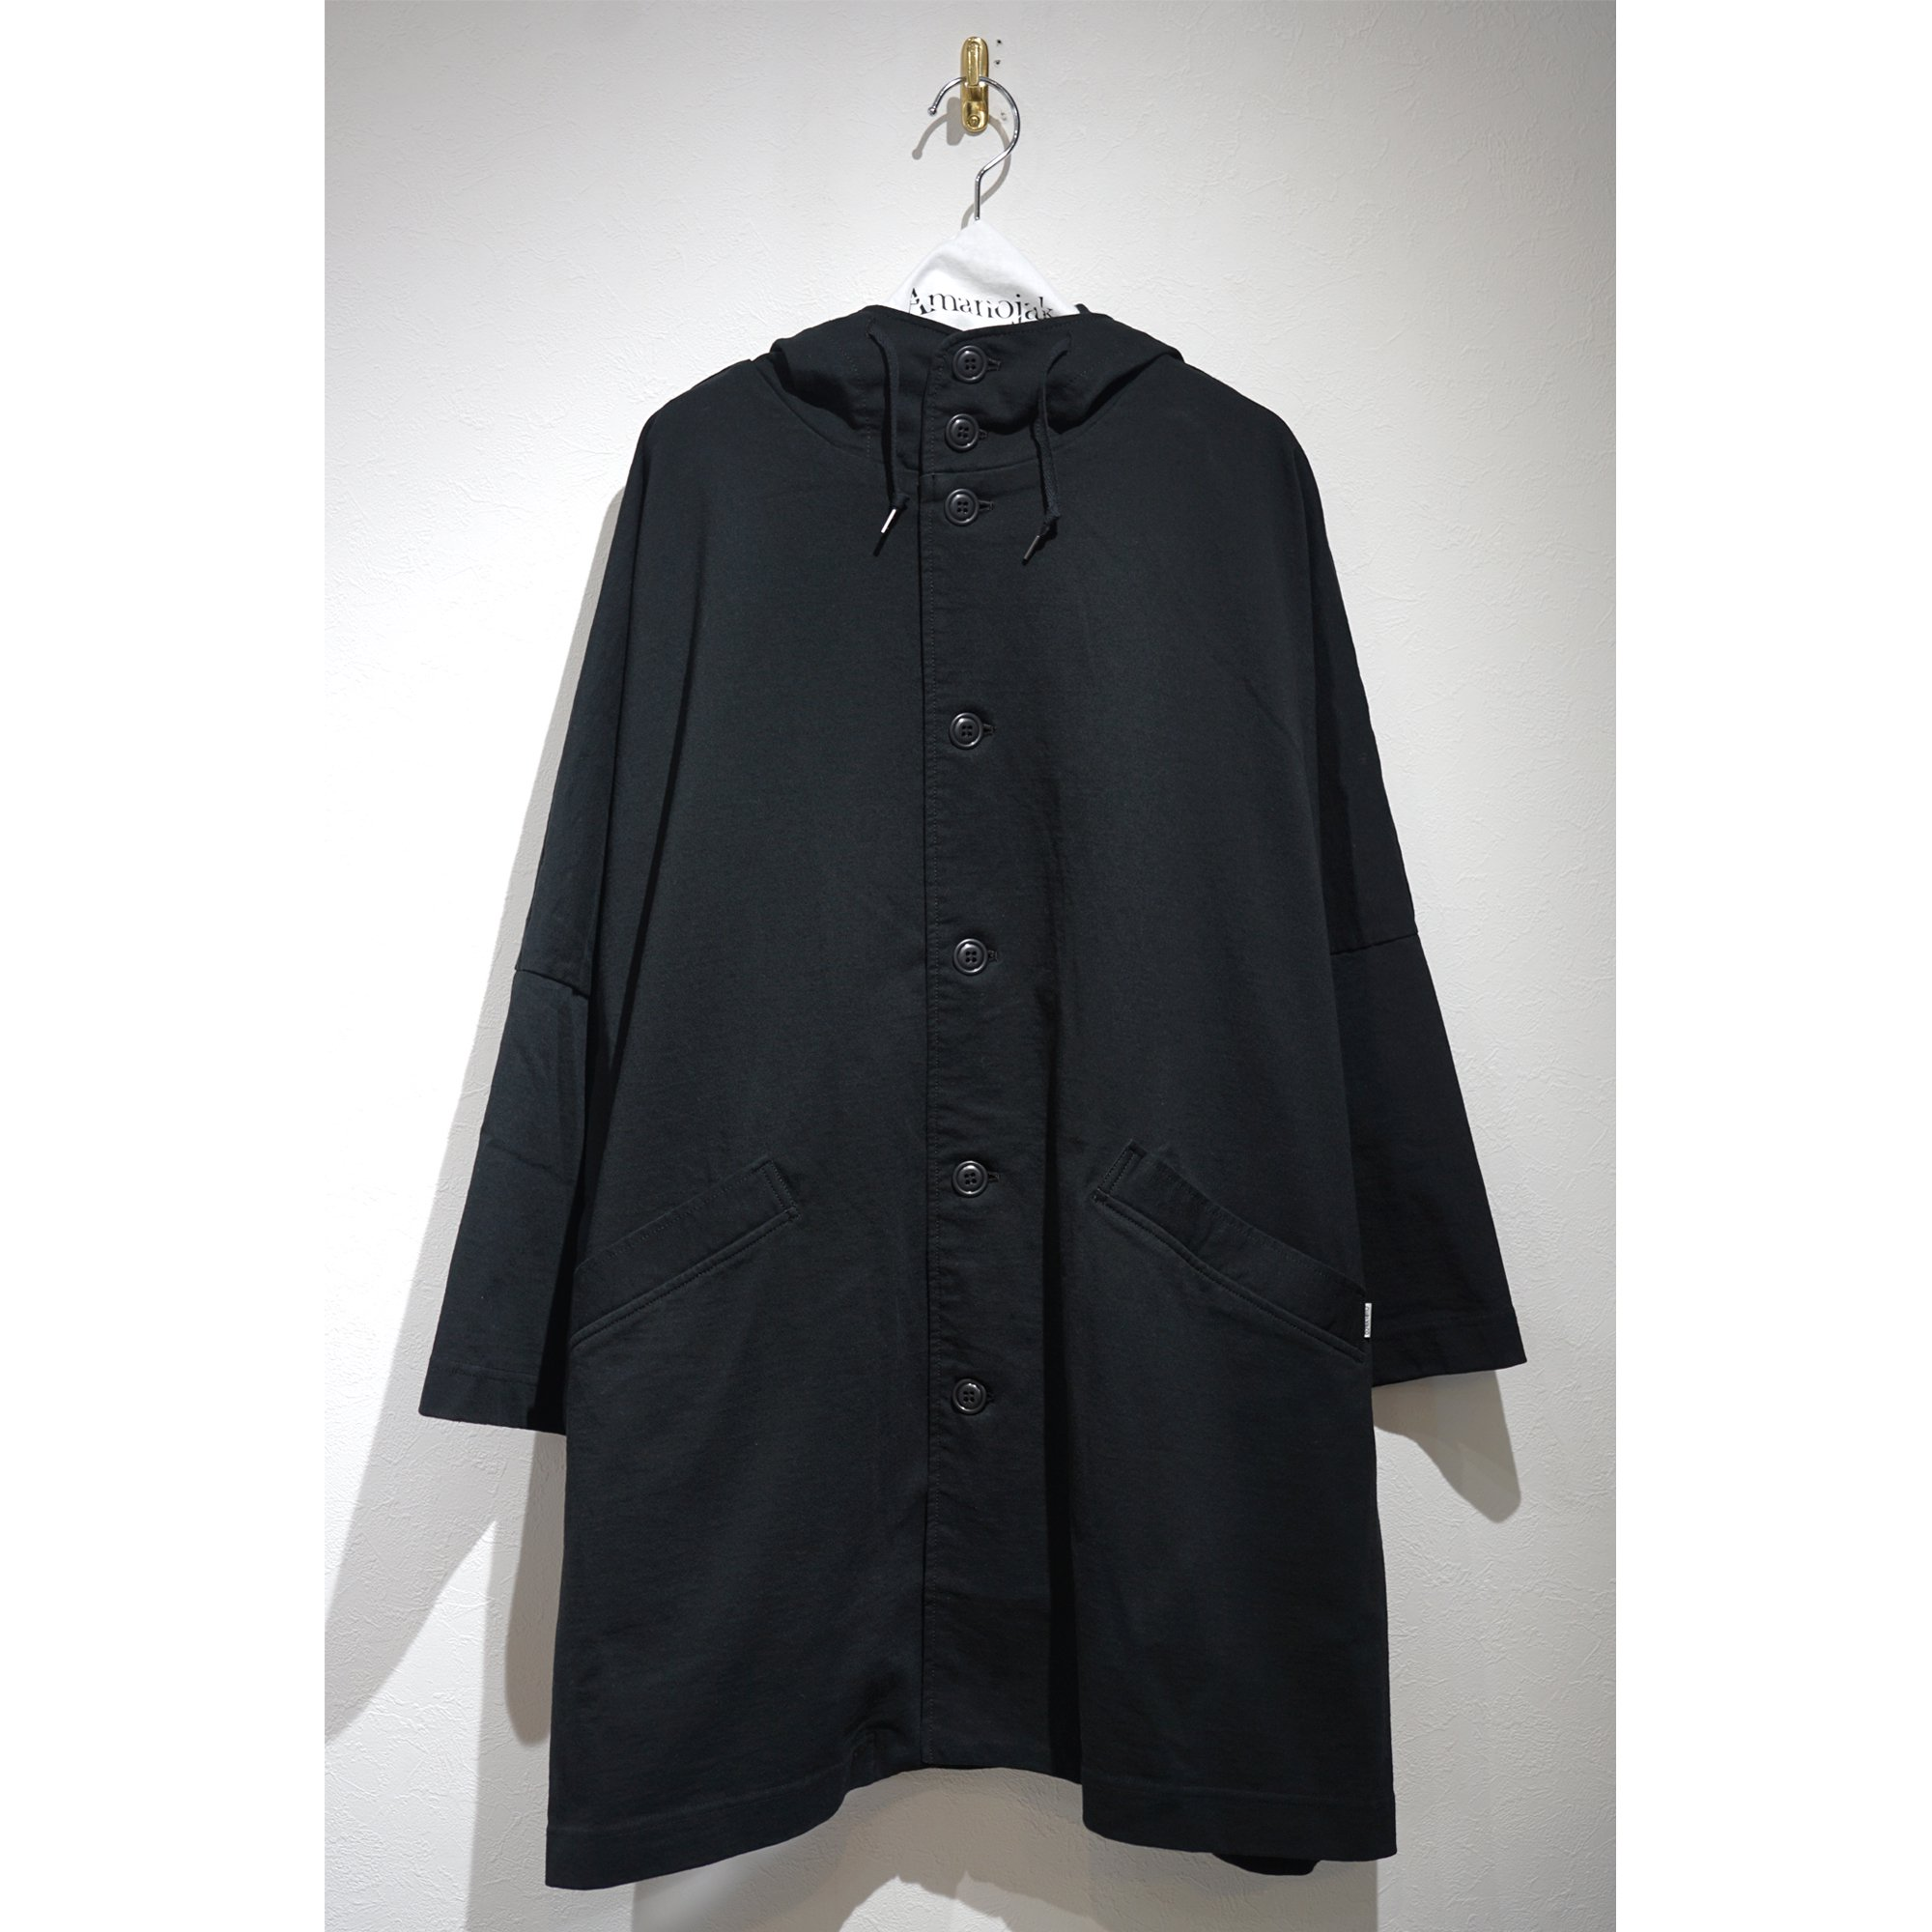 CURLY-DELIGHT CAPE COATwith RAIN DELIGHT fabric